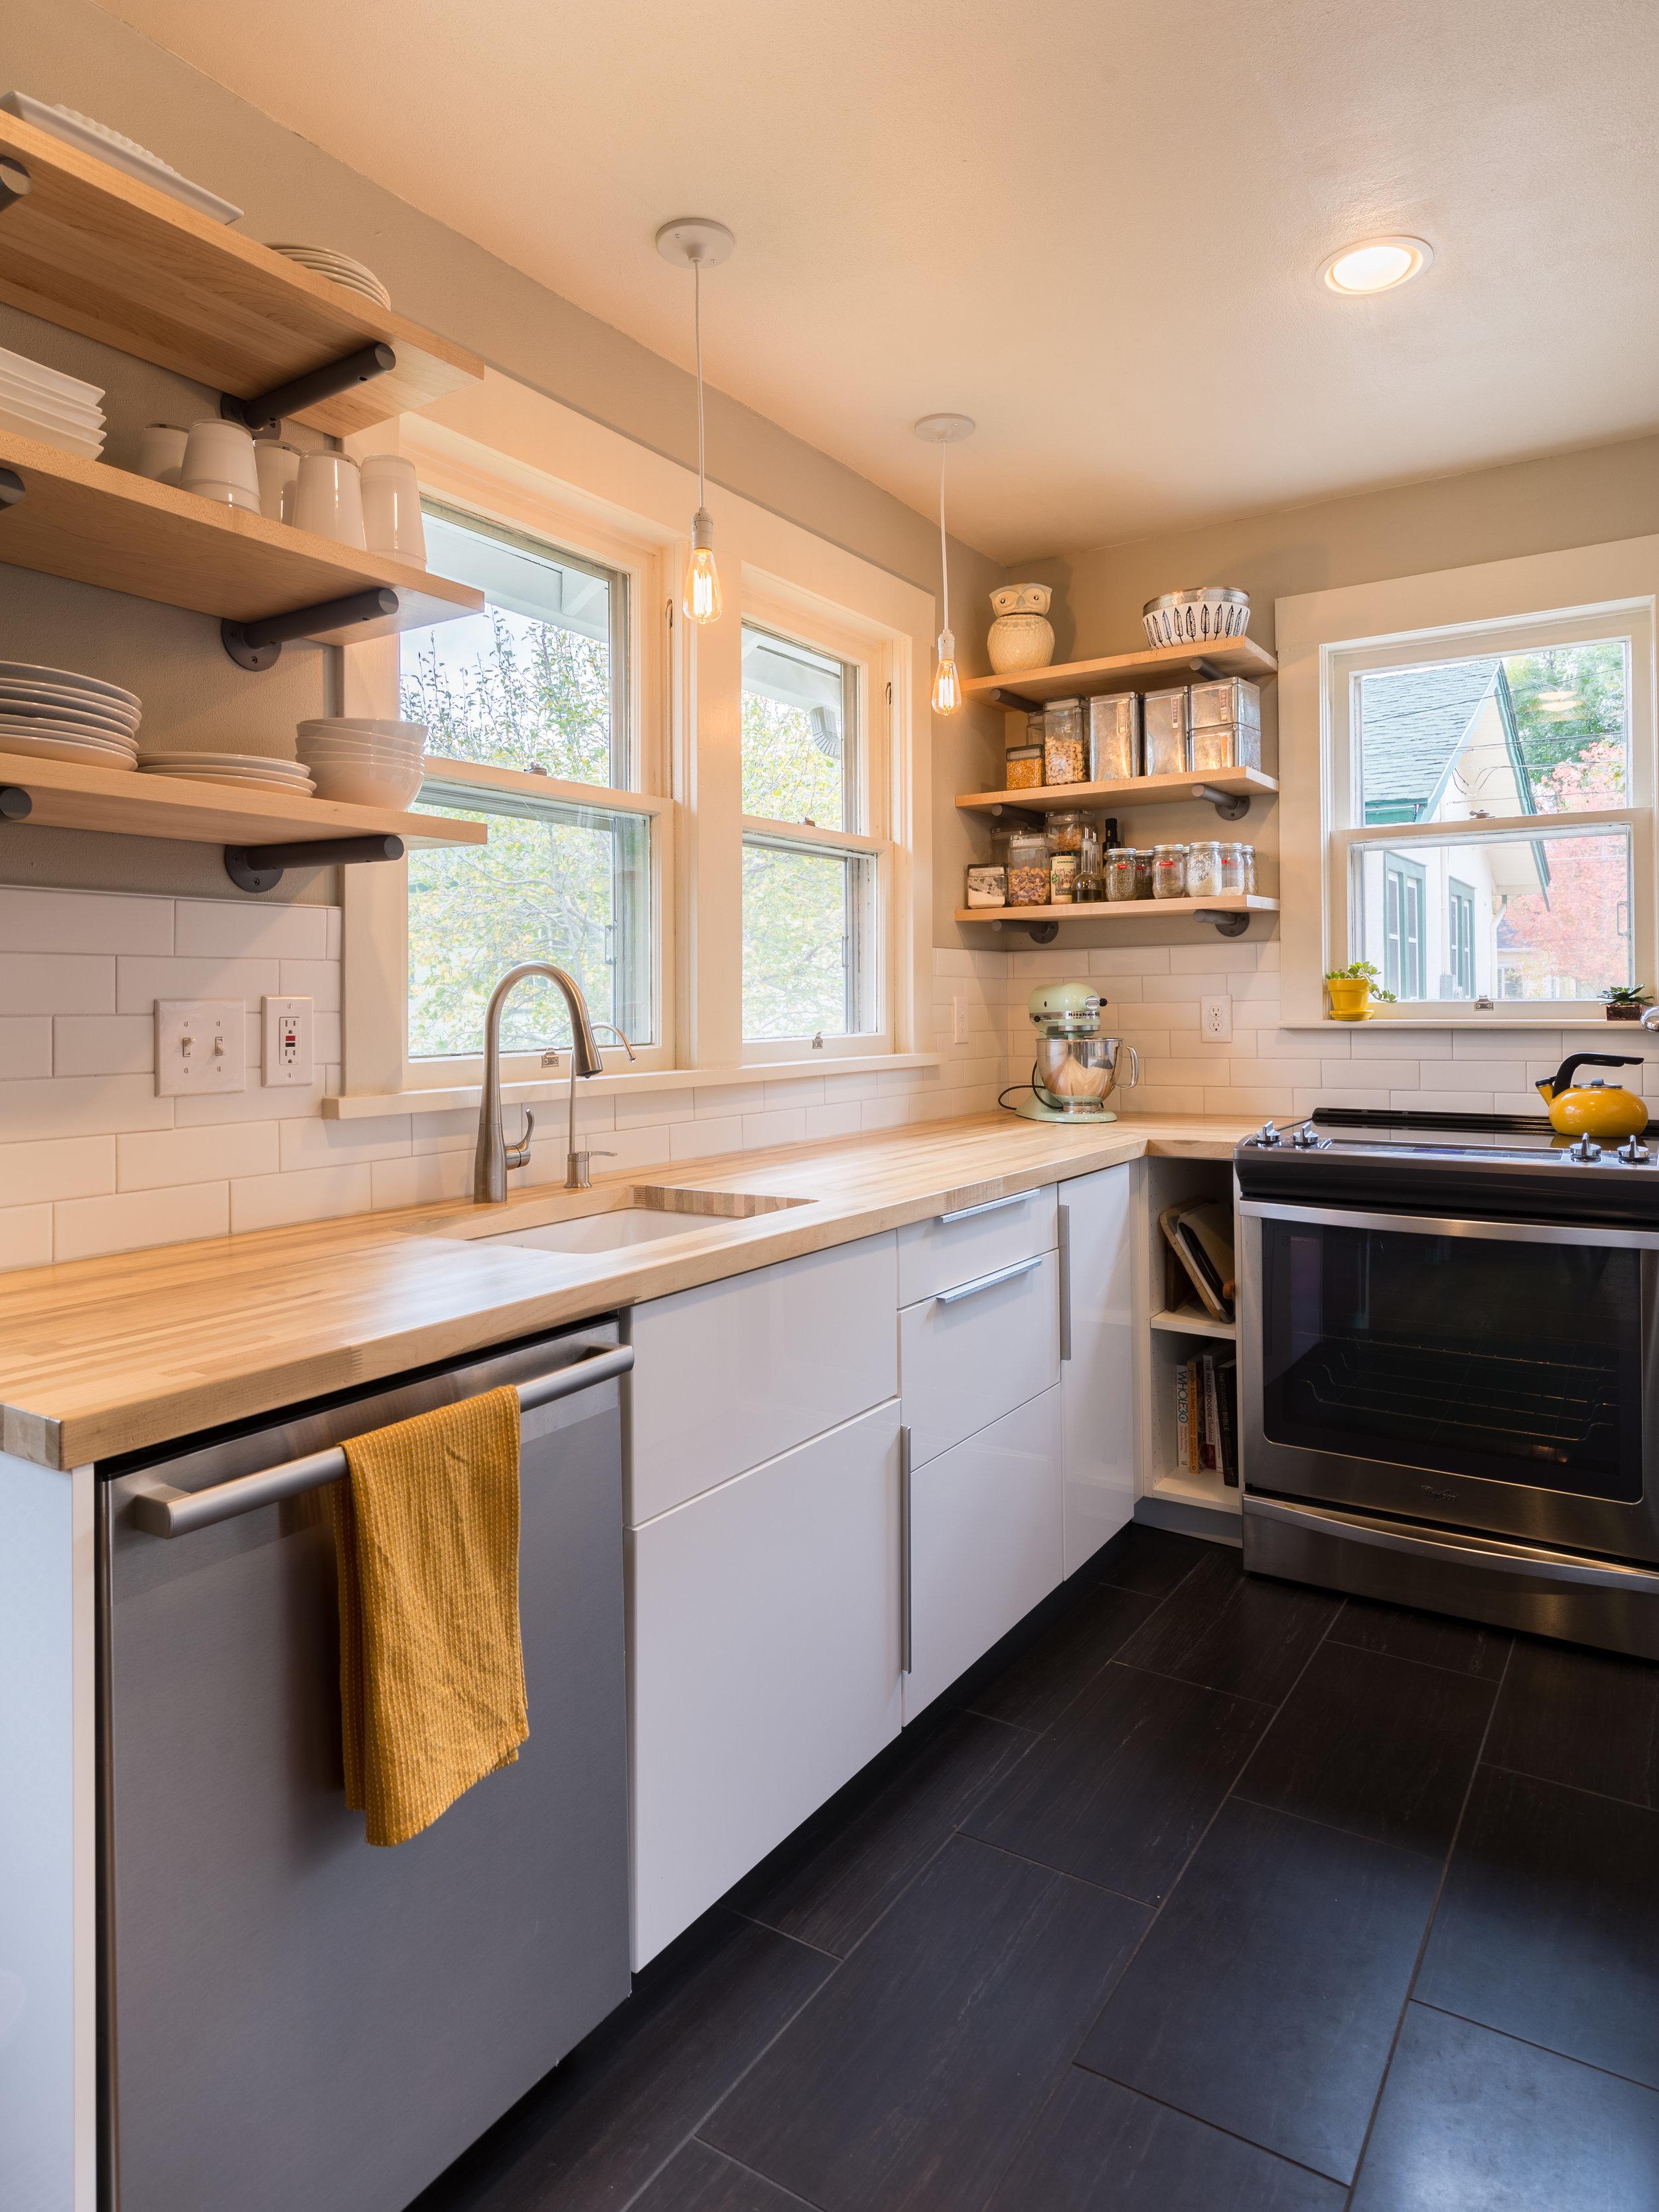 CedarSt Kitchen 02.jpg